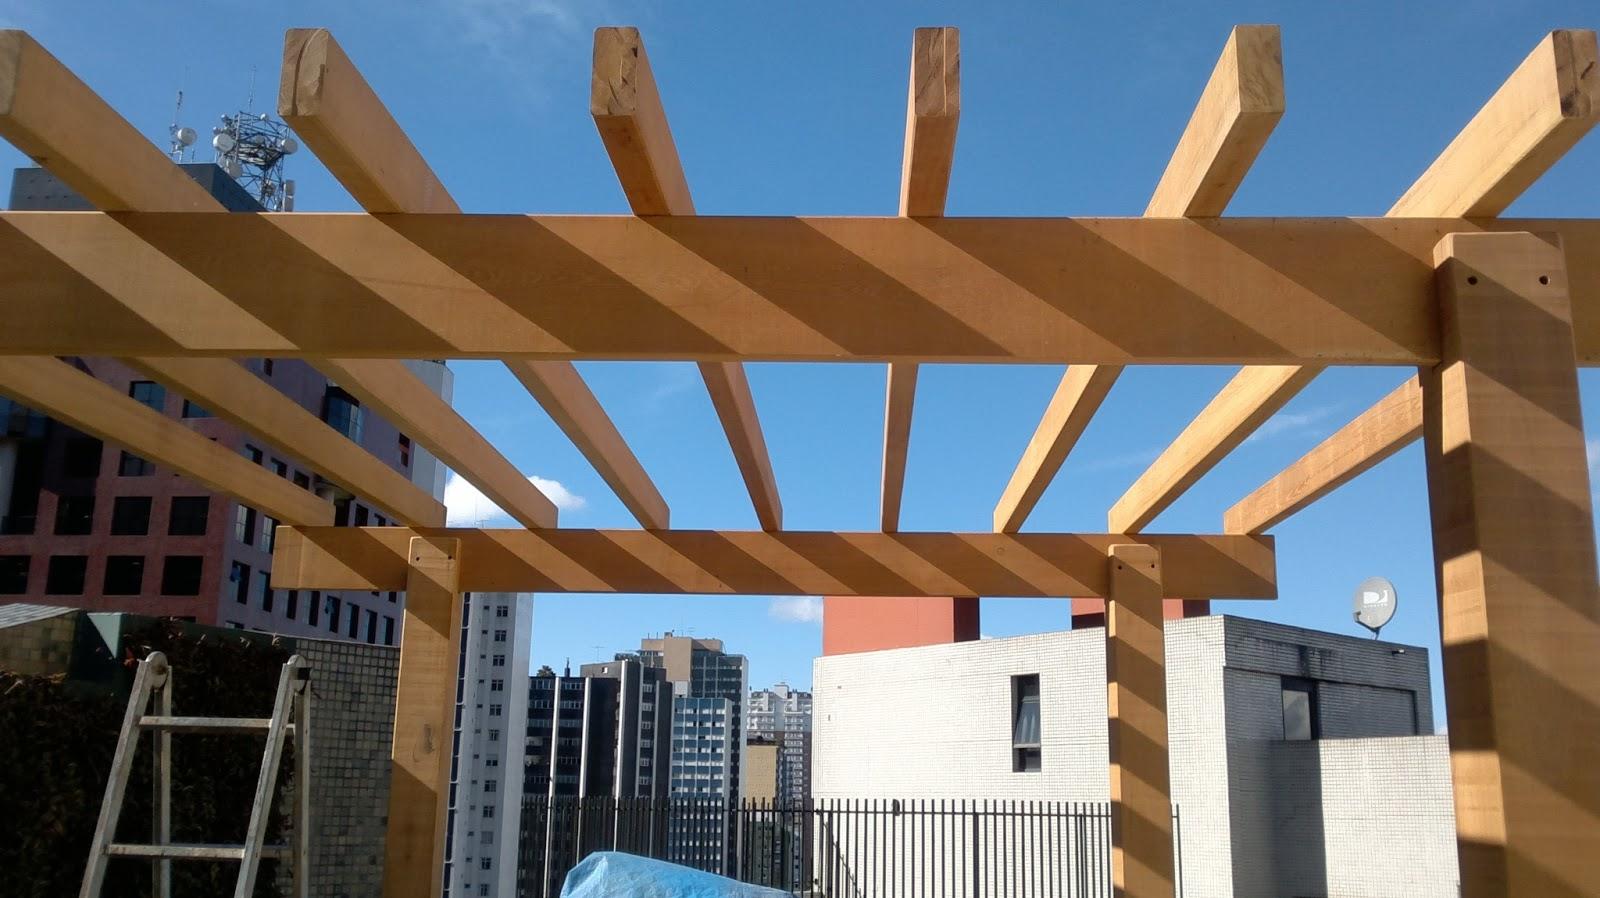 Pergolado de madeira preparado para receber as chapas de Policarbonato #B36D18 1600x898